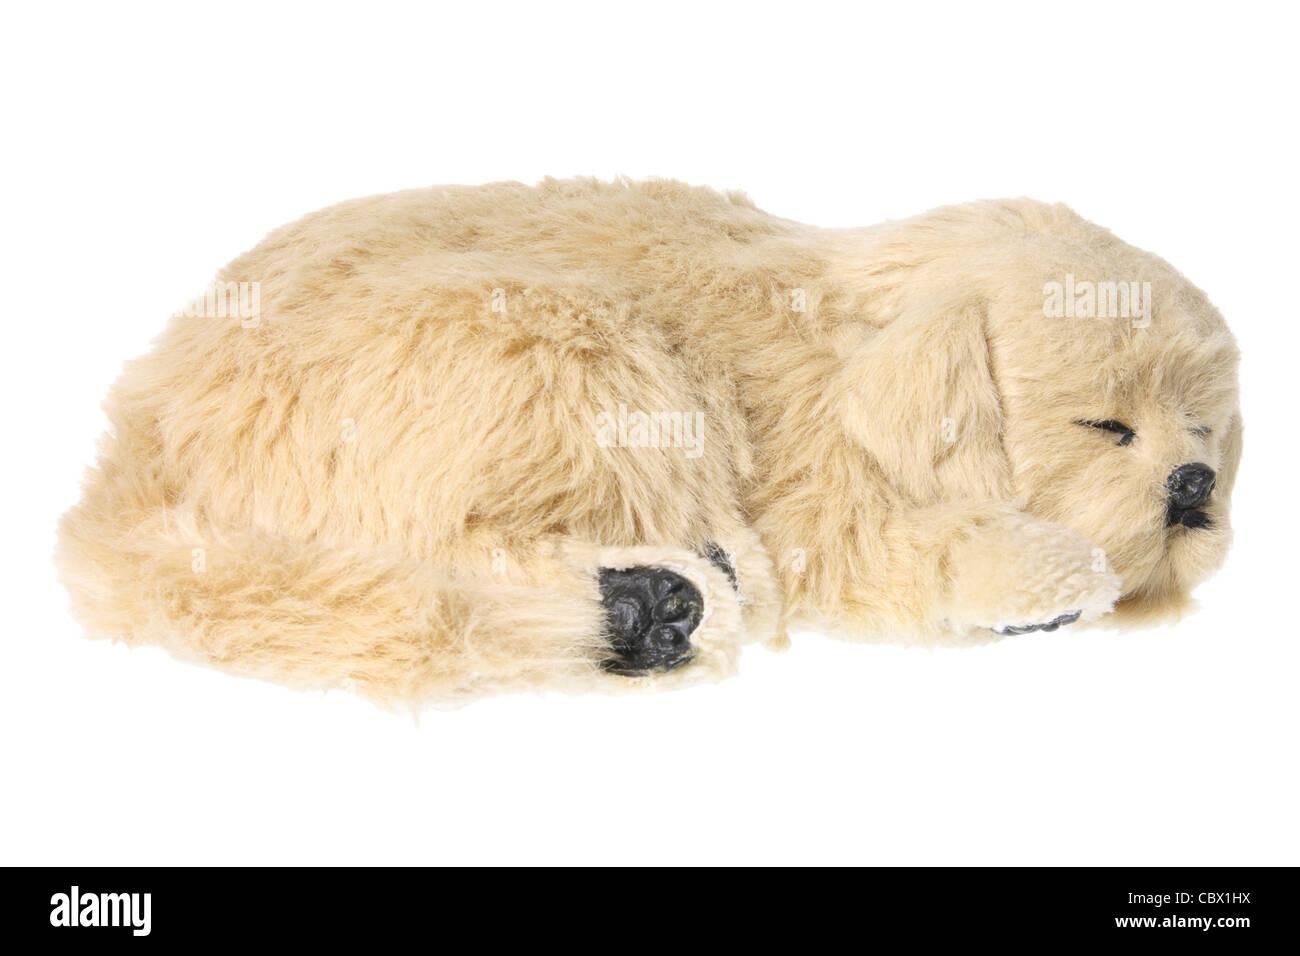 Cane di giocattolo molle Immagini Stock